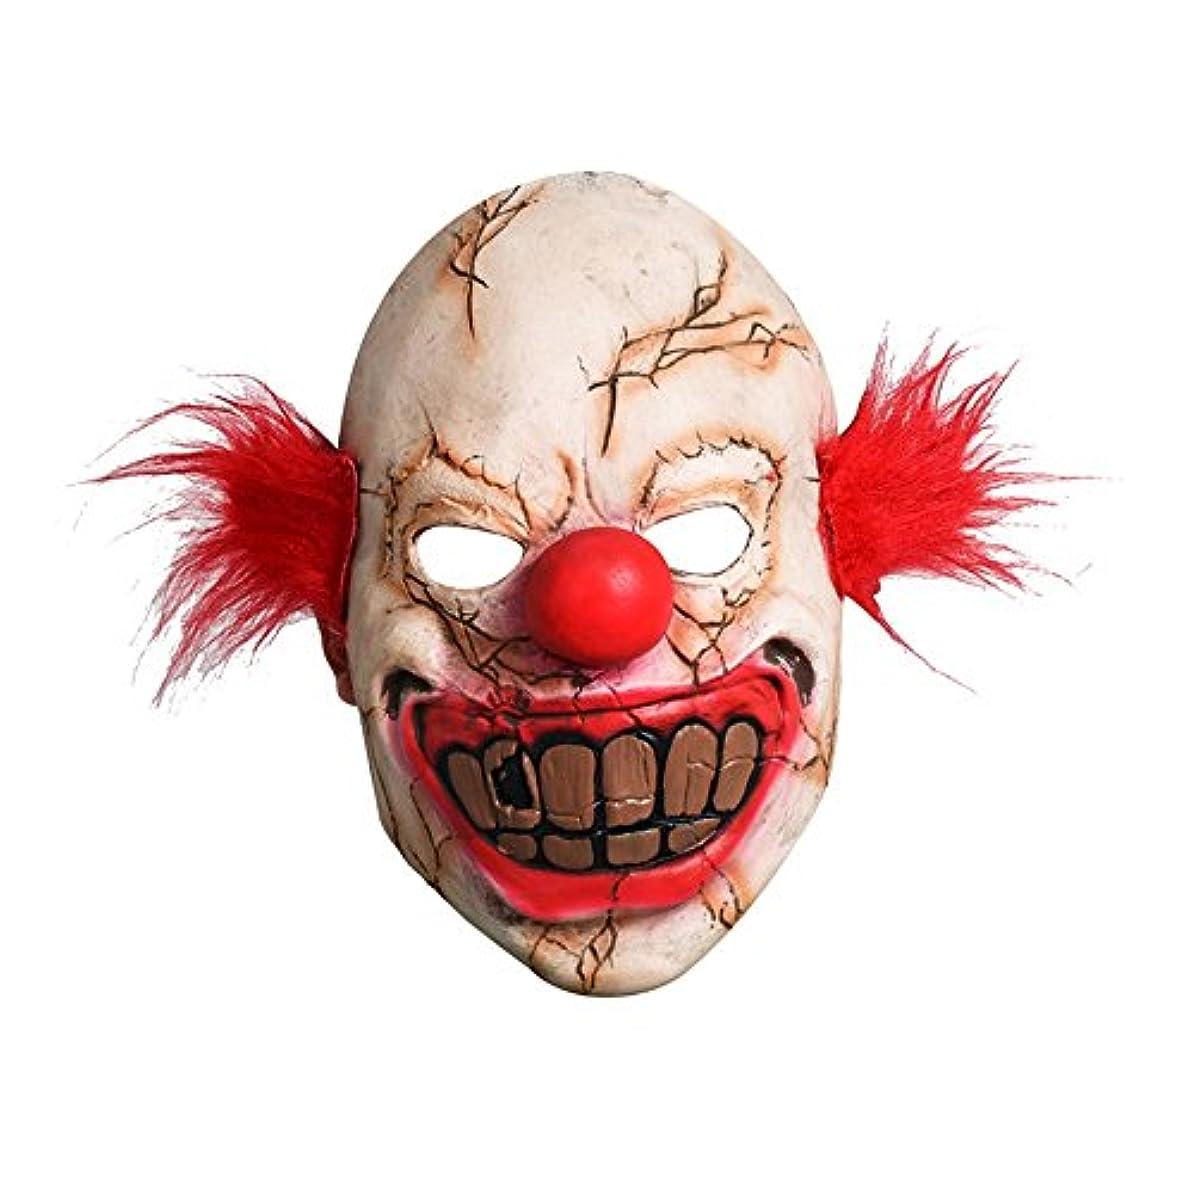 全国年次鋭くハロウィーン用品バー怖い恐ろしい腐った道化師カーニバル全体の人々面白い悪魔腐った顔ピエロマスク